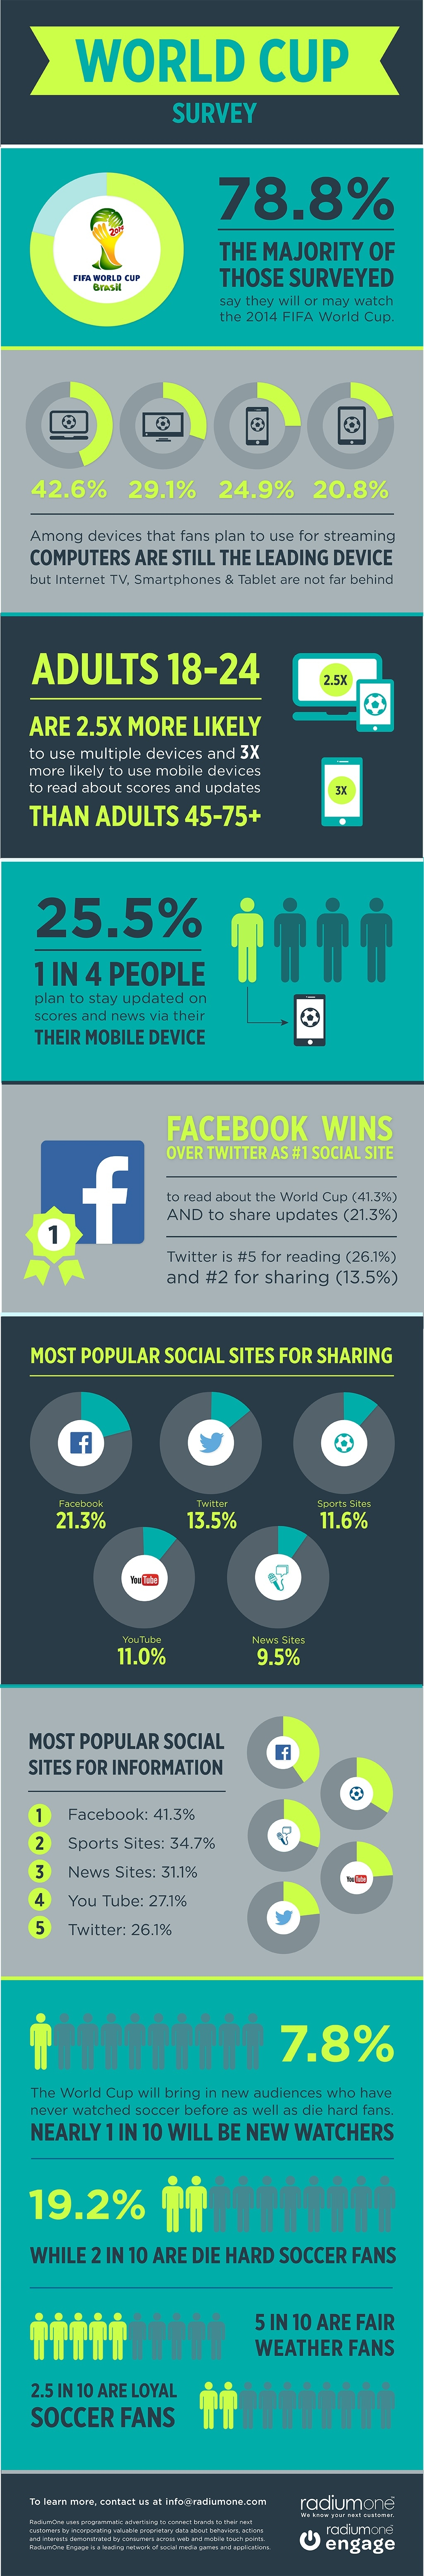 RadiumOne_WorldCup coverage_infographic